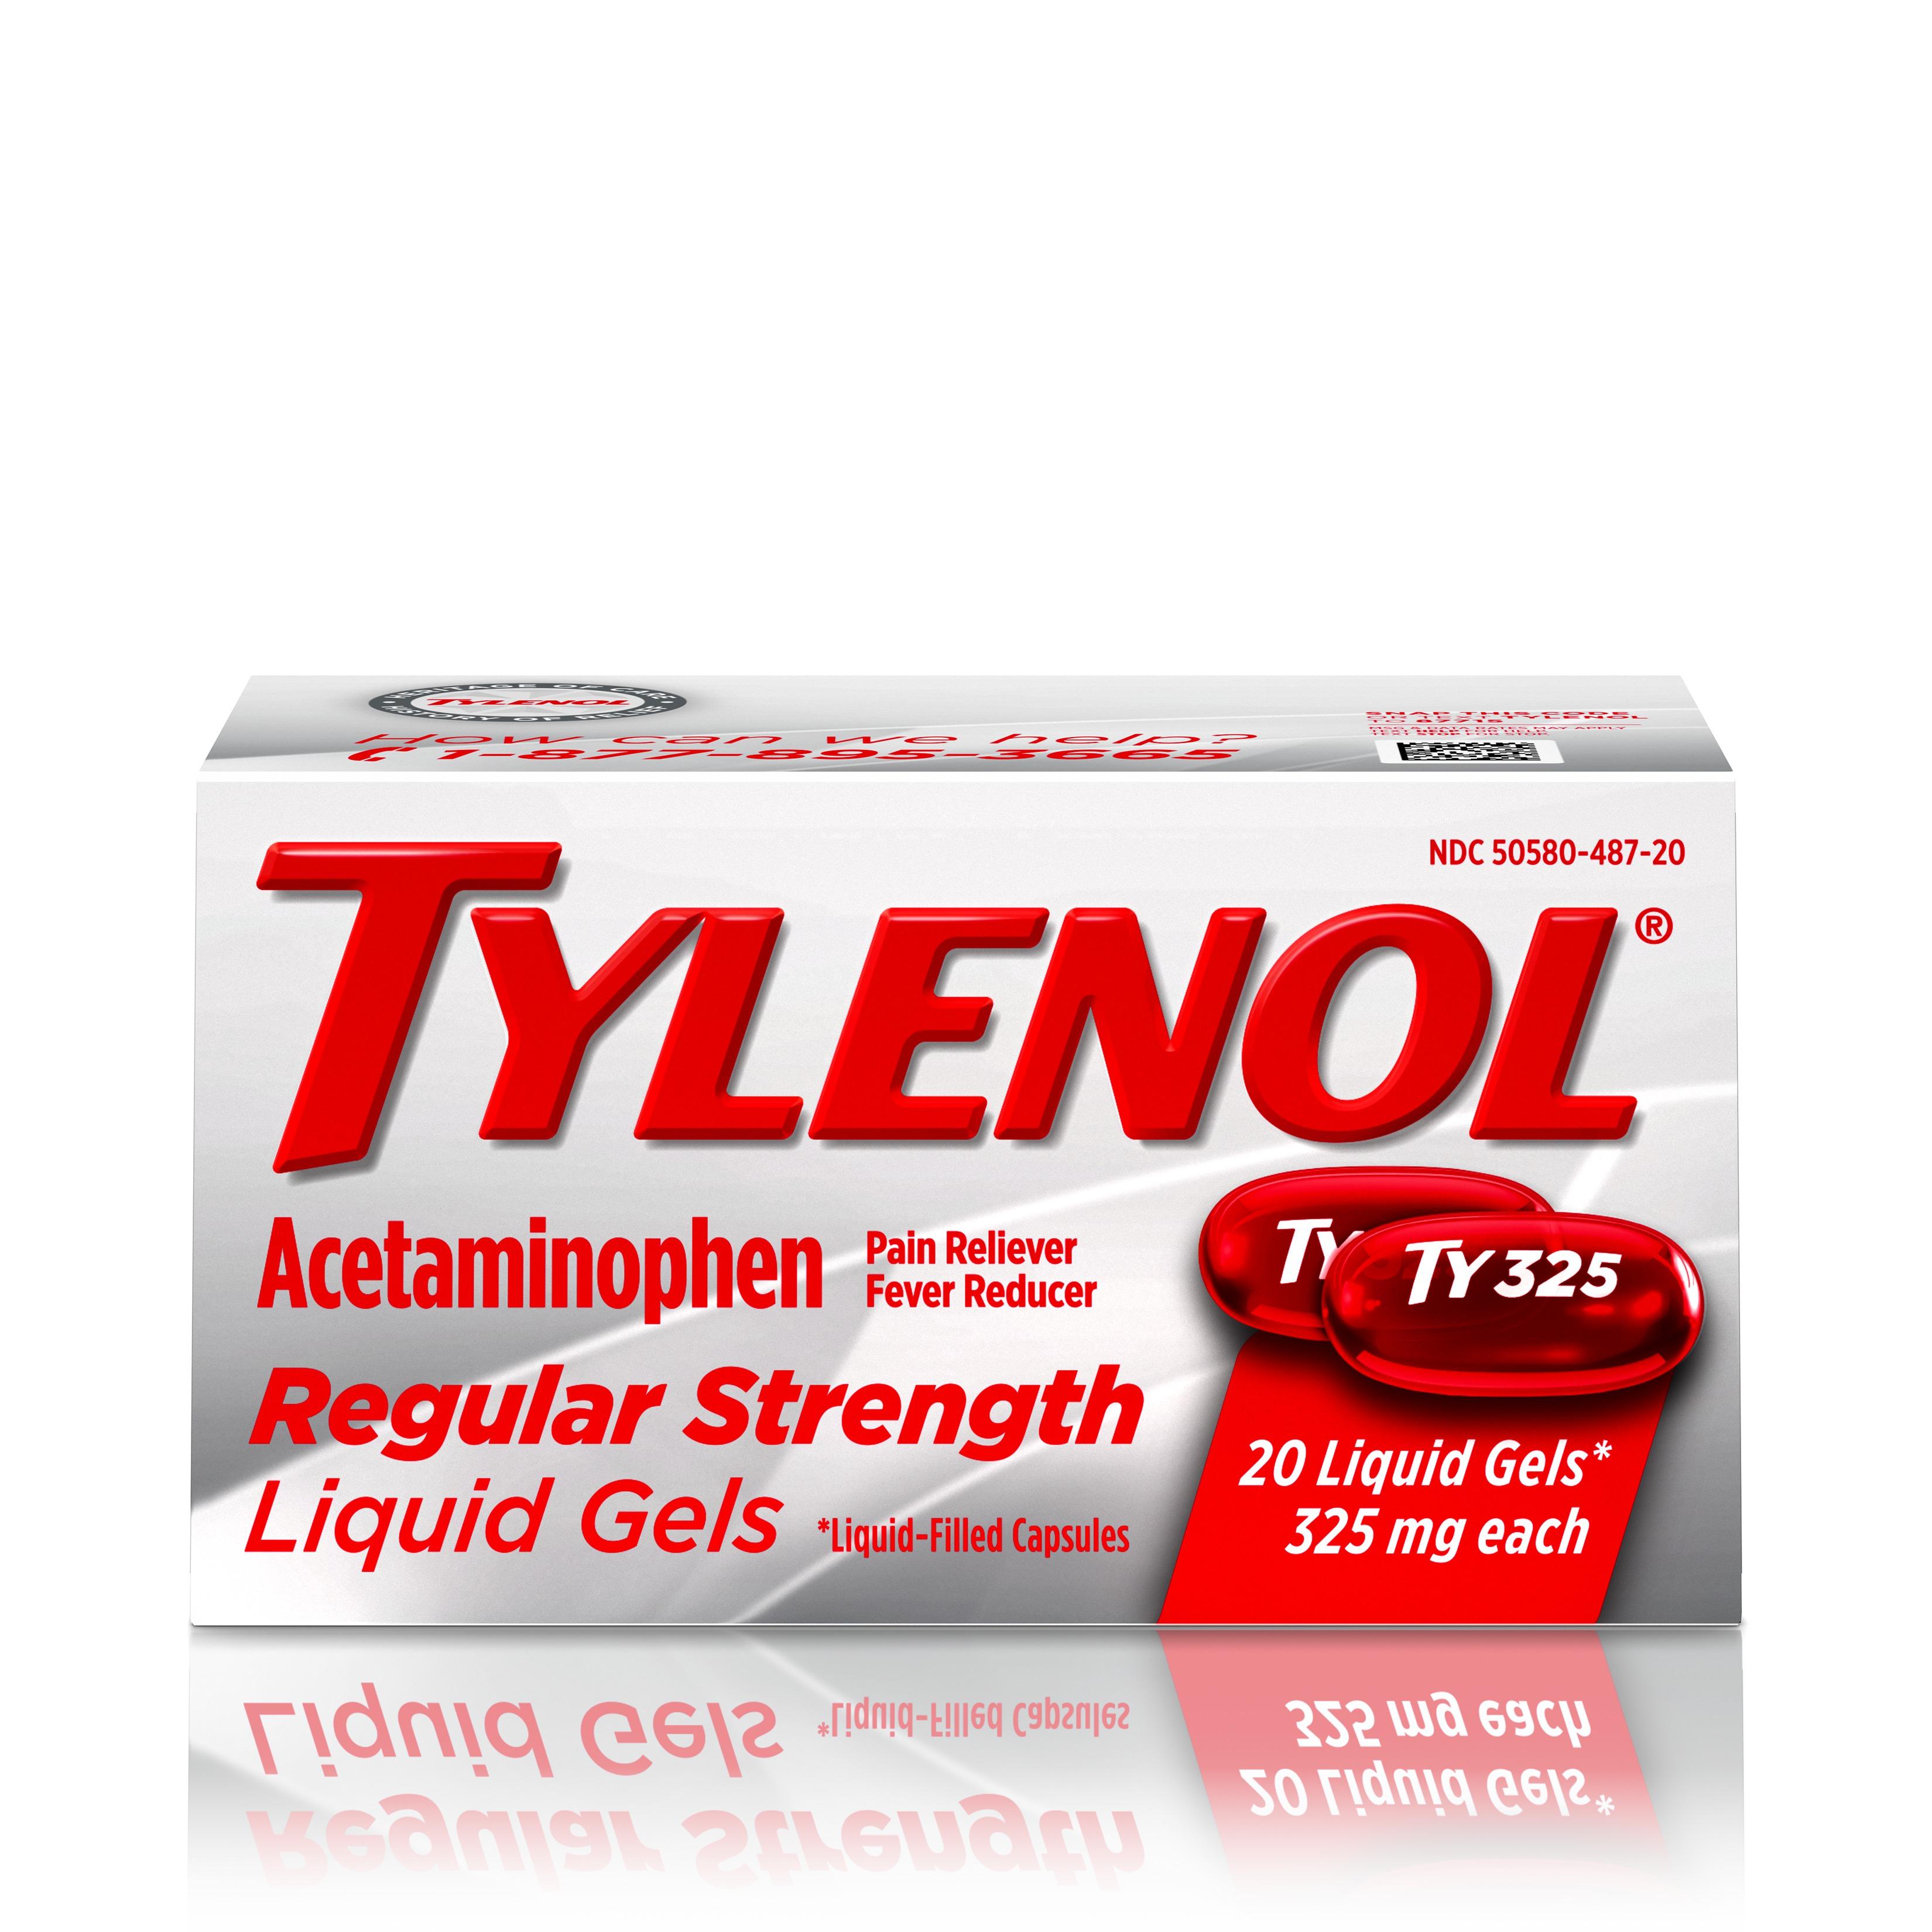 Tylenol Regular Strength Liquid Gels with 325 mg Acetaminophen, 20 ct